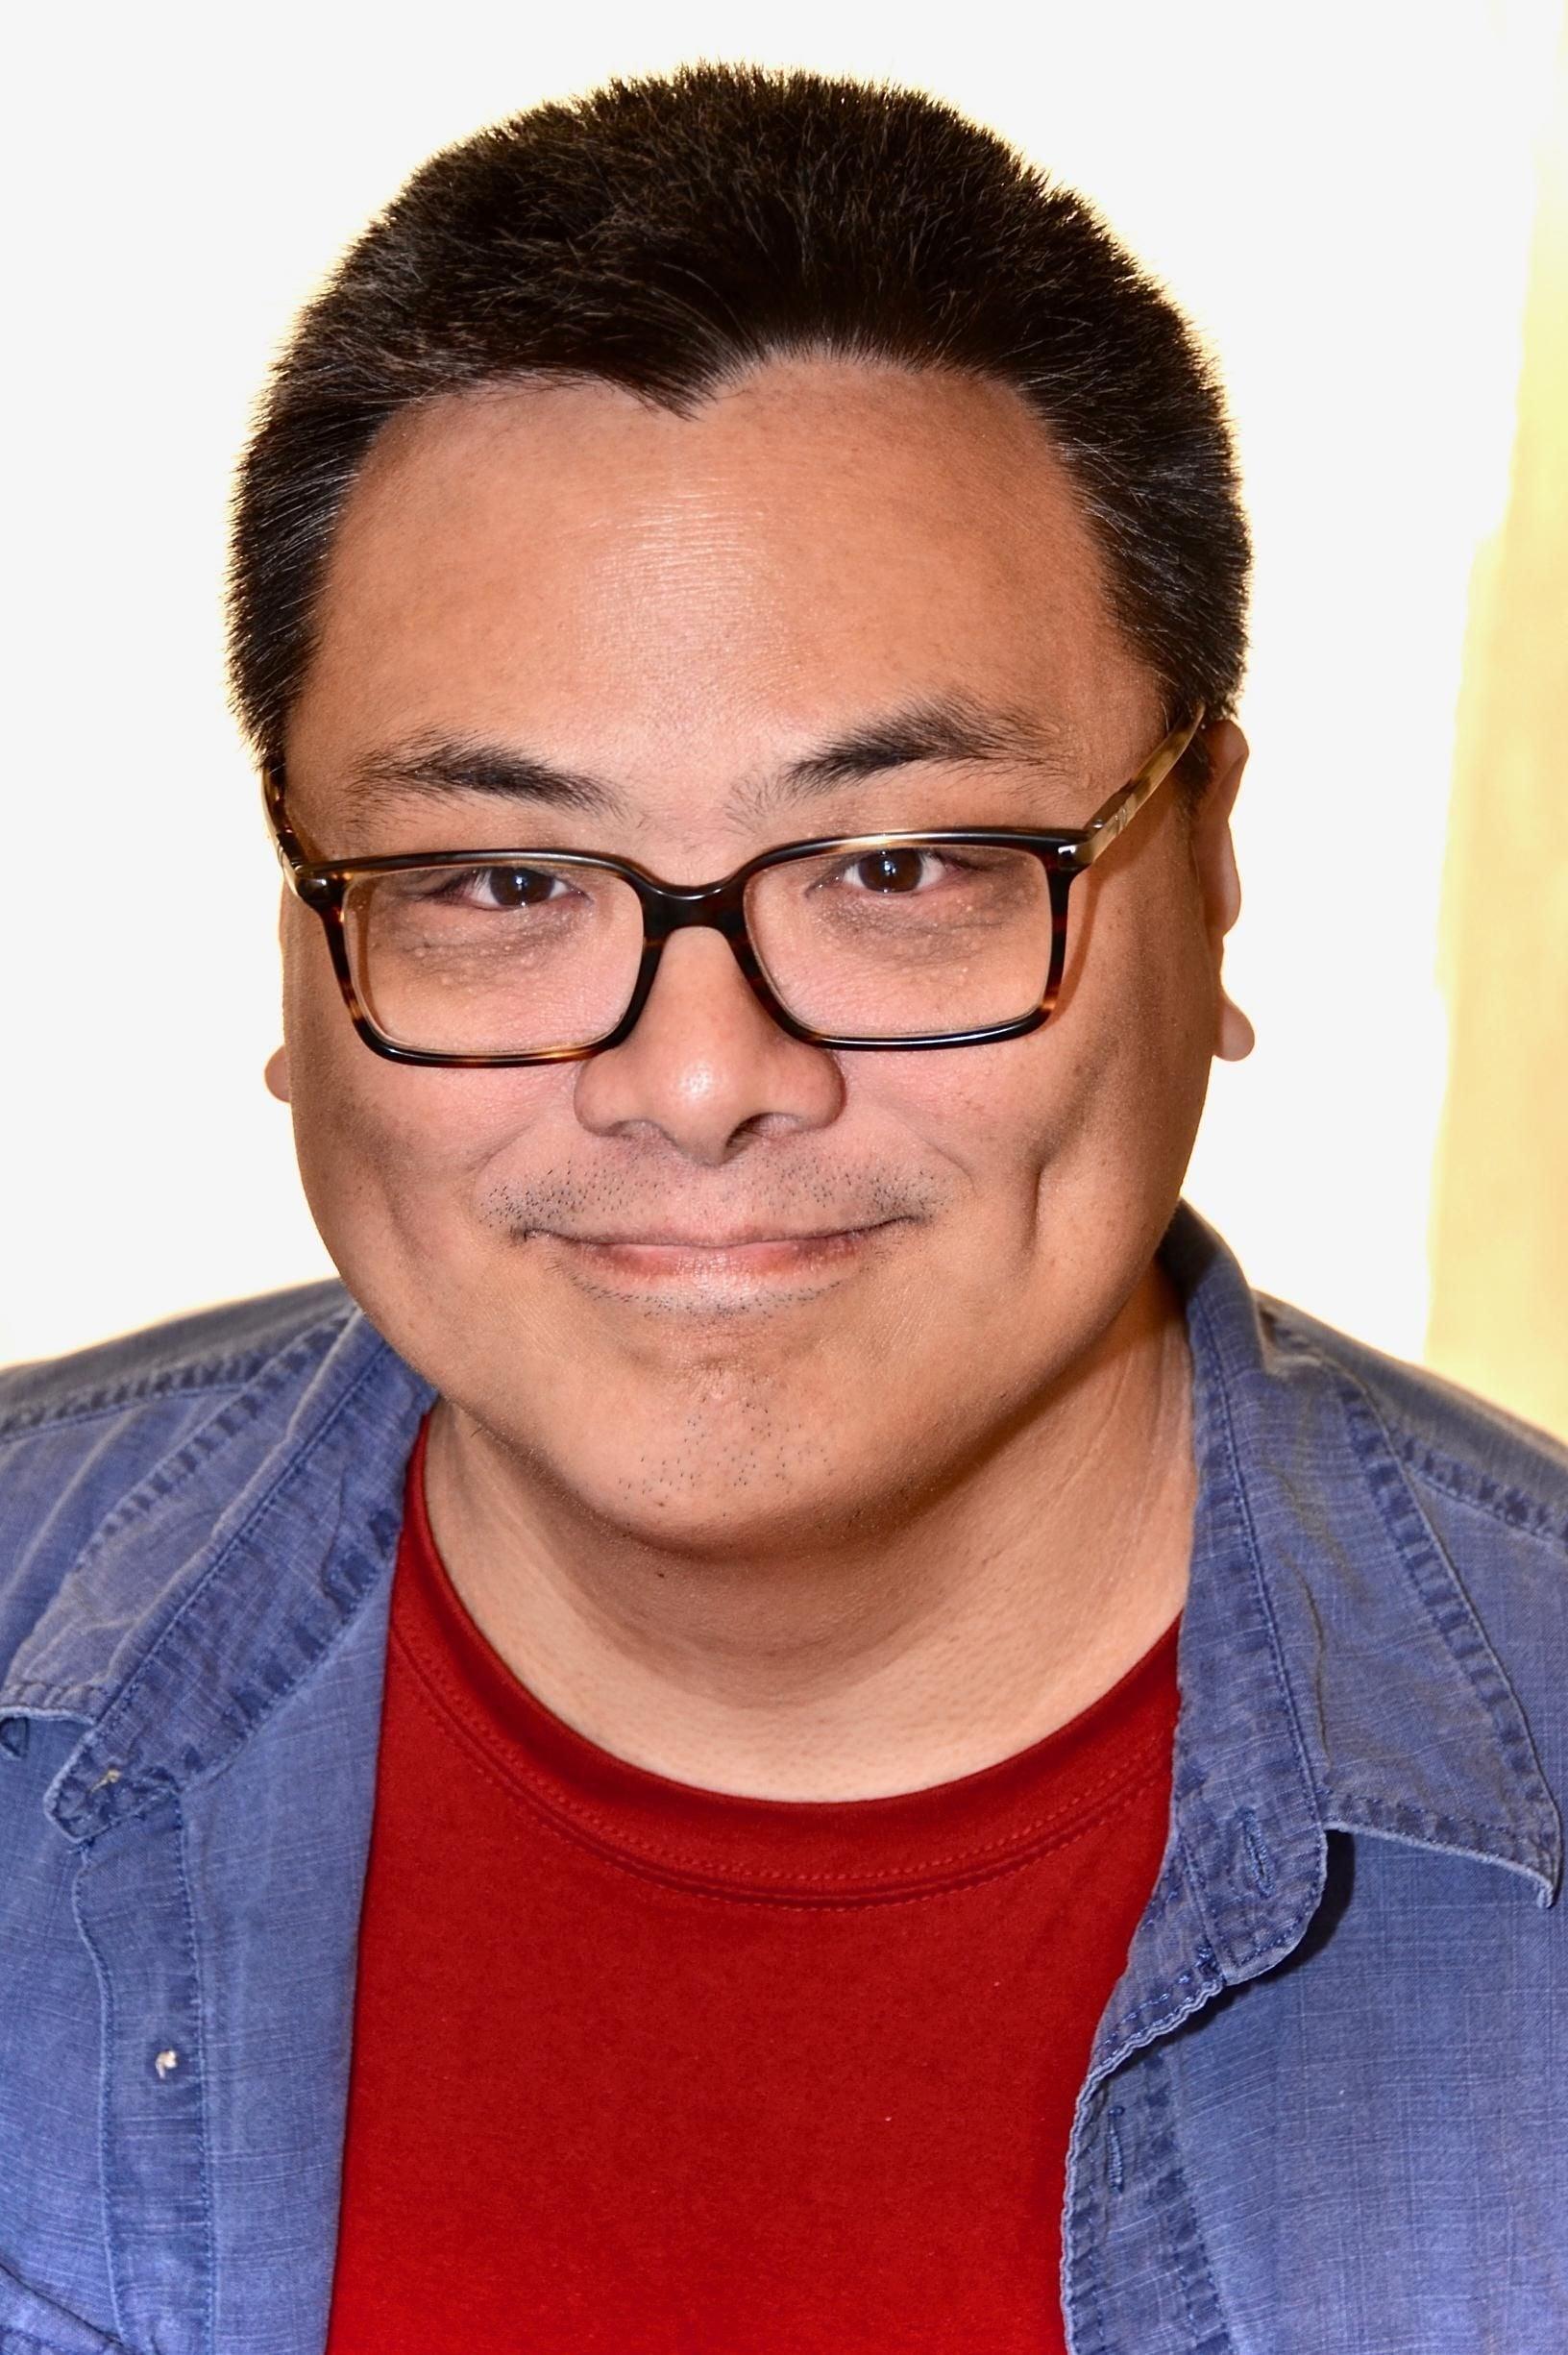 Matt Yuan